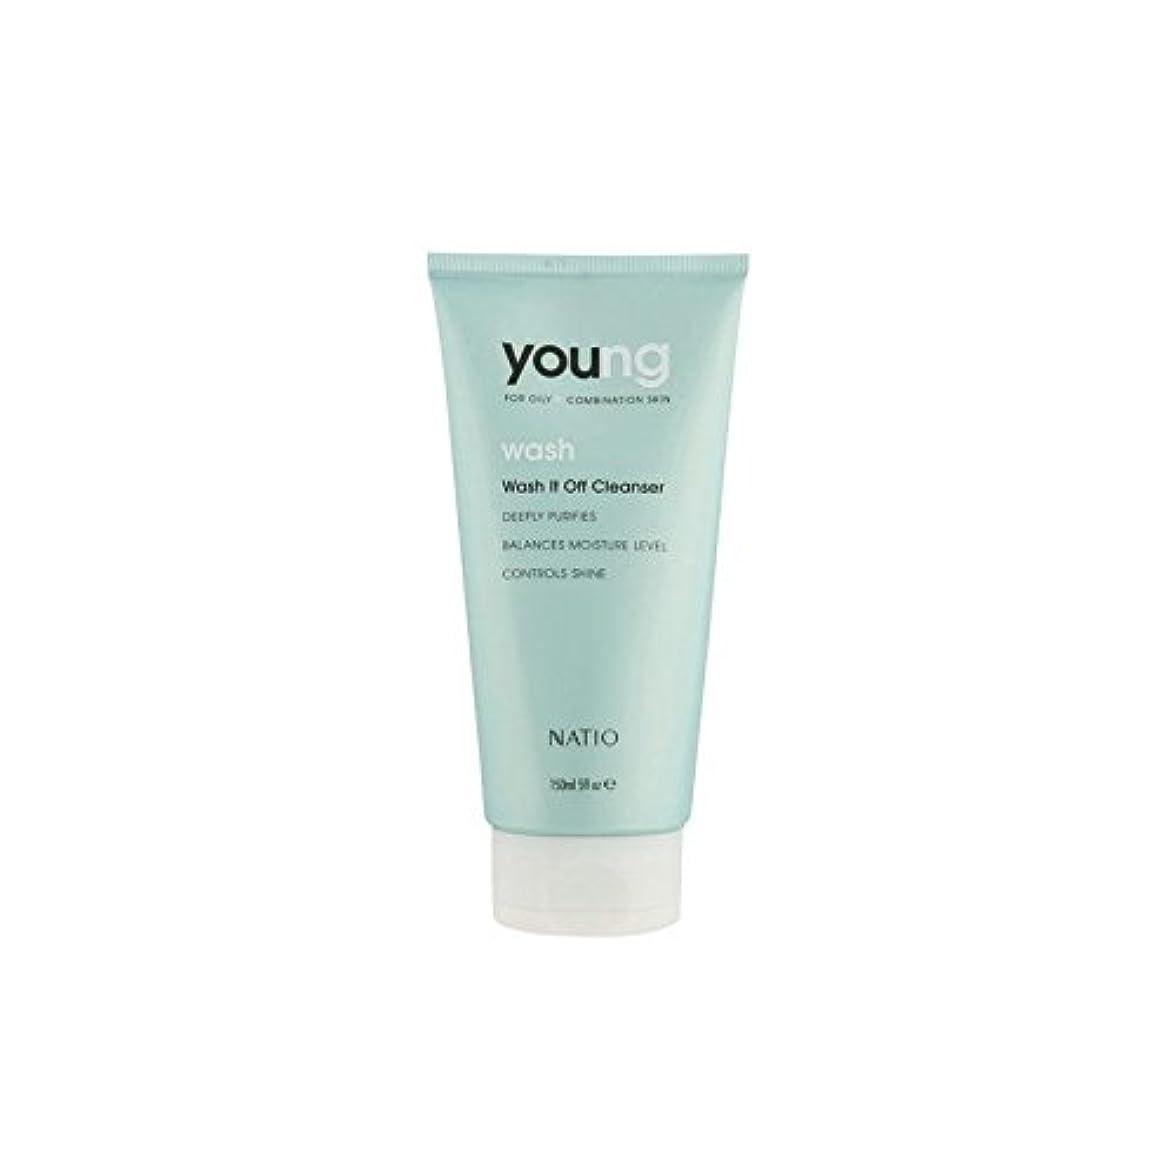 タクト振る引き金若いウォッシュそれオフクレンザー(150ミリリットル) x4 - Natio Young Wash It Off Cleanser (150ml) (Pack of 4) [並行輸入品]